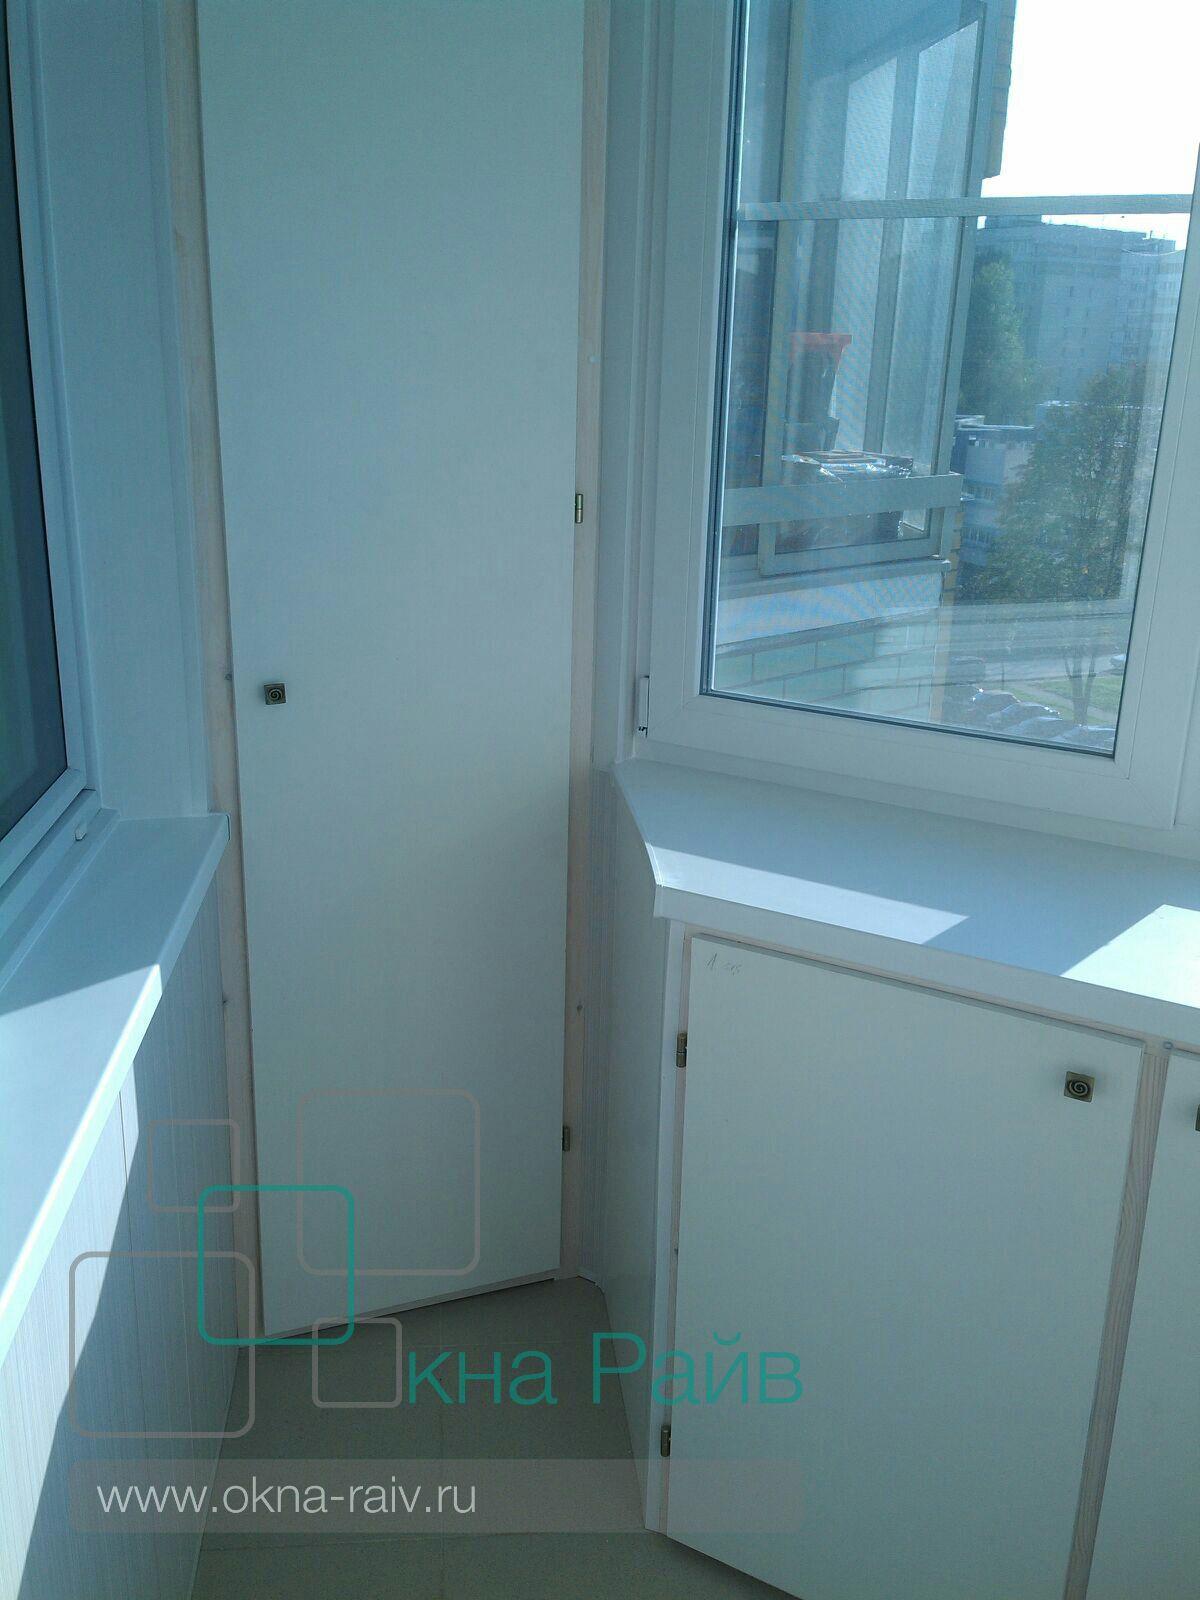 Отделка балкона и лоджий под ключ.